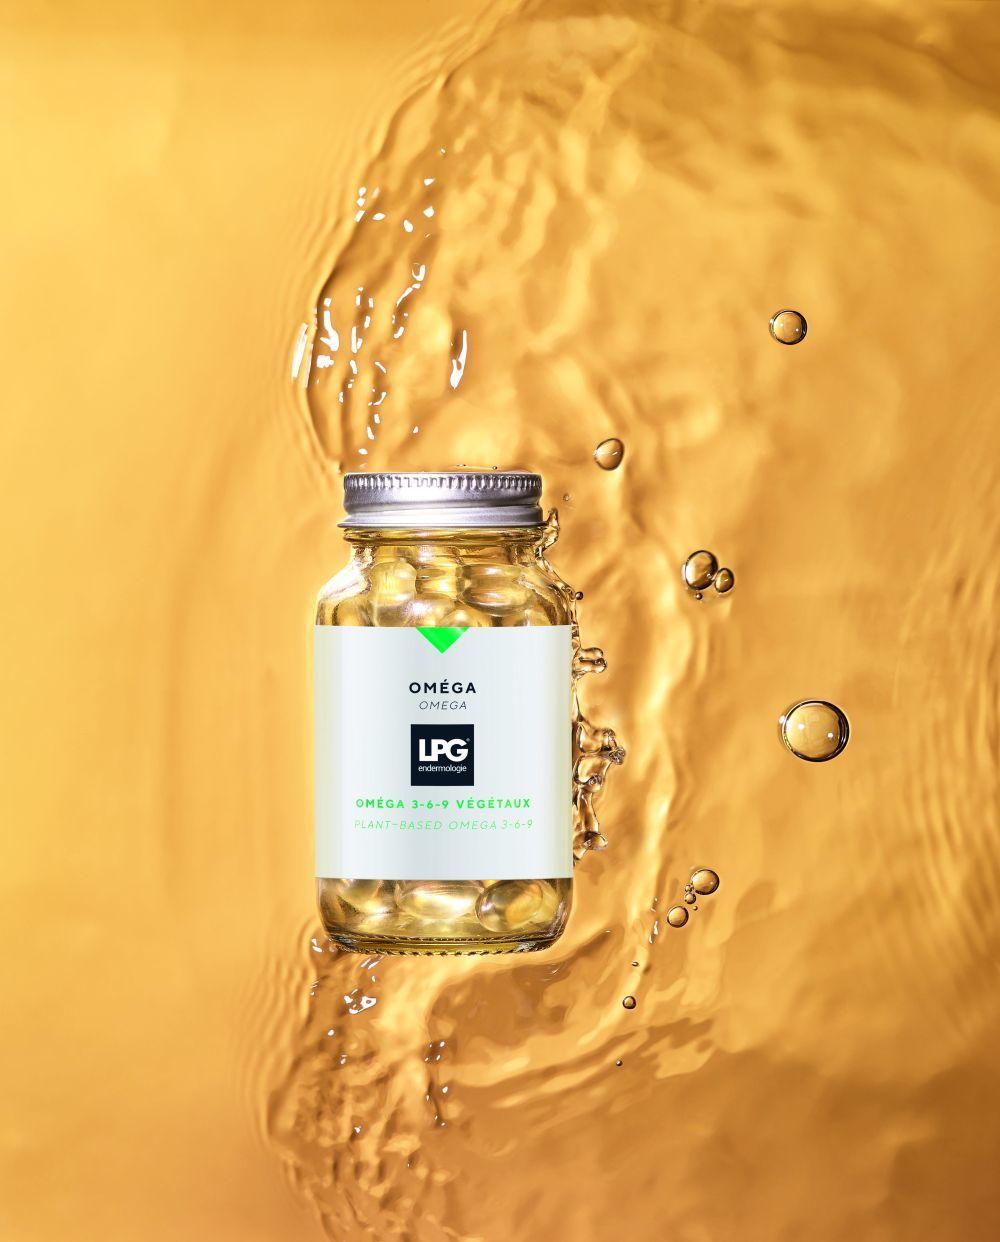 El nutricosmético Omega de LPG ® mezcla omega 3, 6 y 9